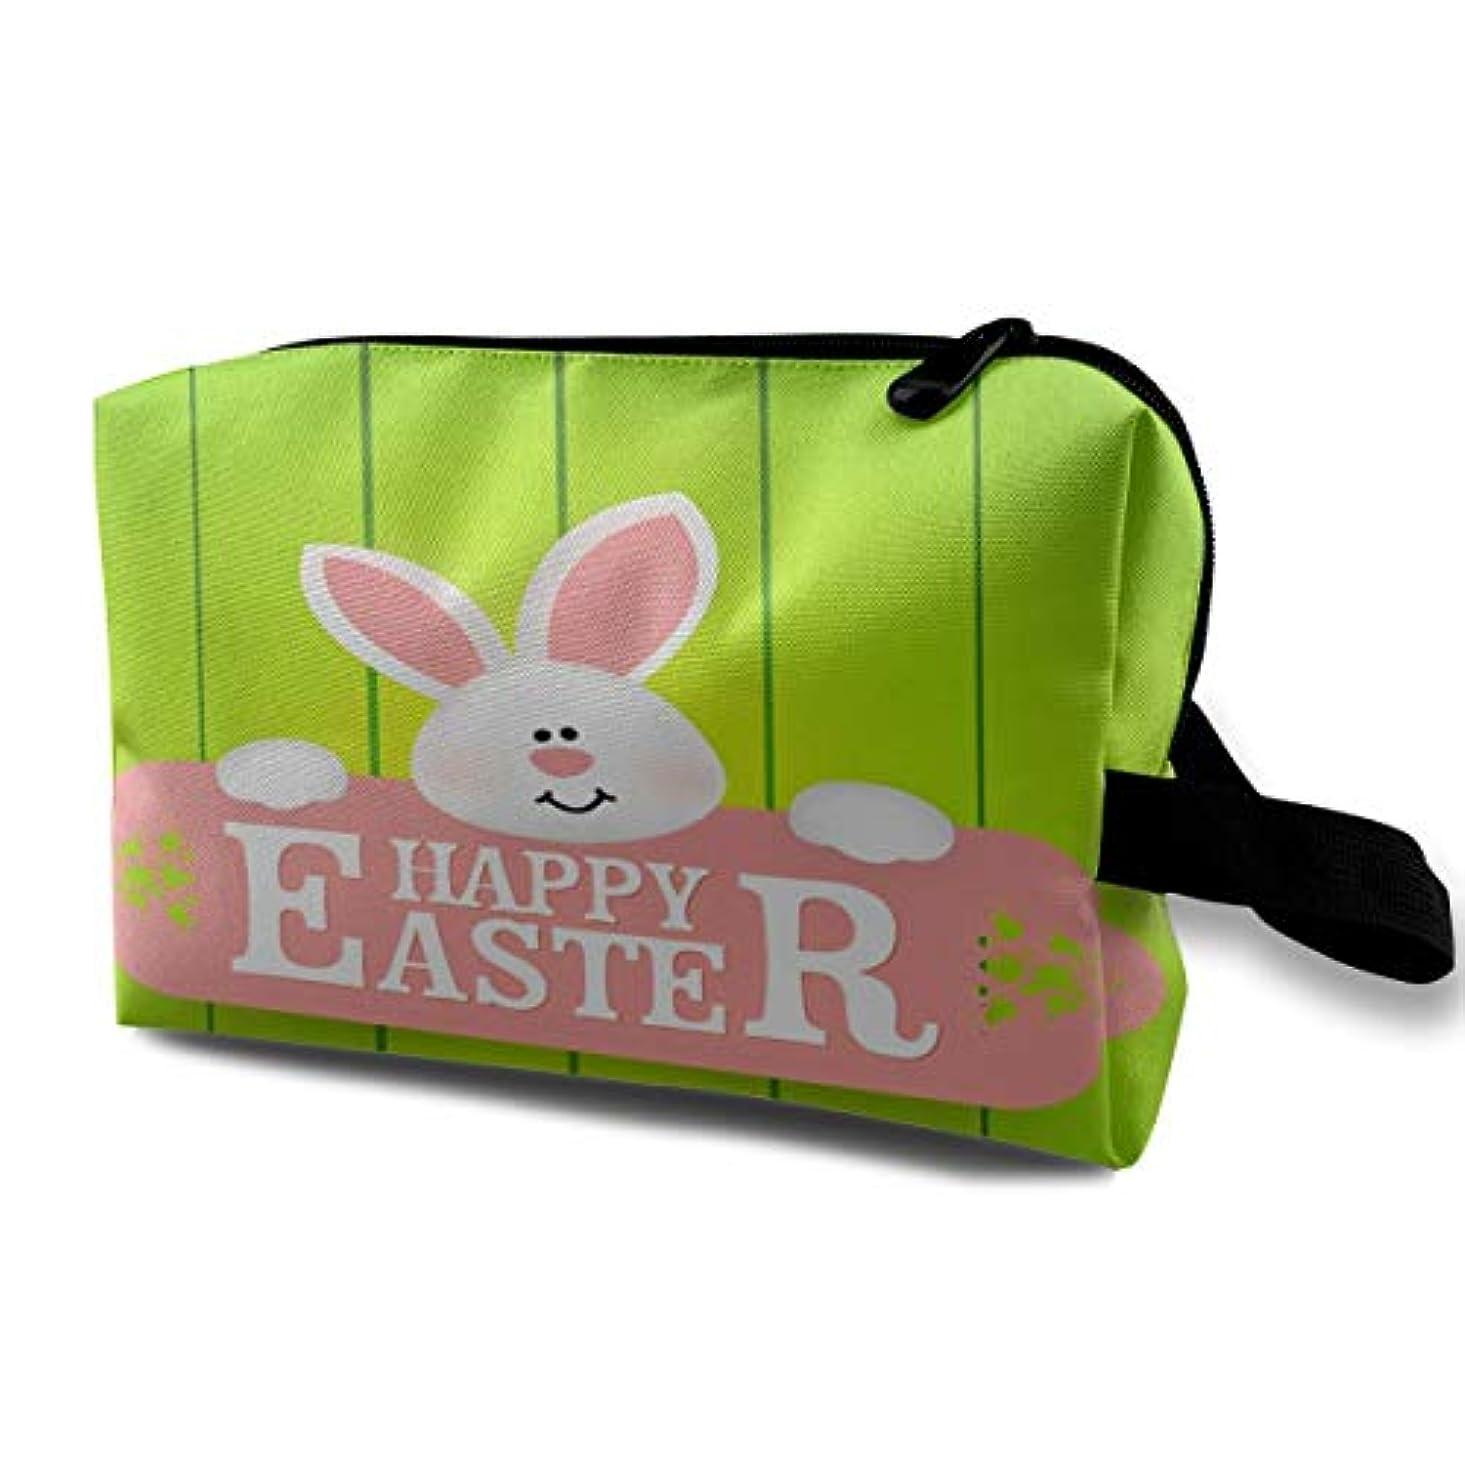 業界ペルセウスアッティカスEaster Bunny & Eggs 収納ポーチ 化粧ポーチ 大容量 軽量 耐久性 ハンドル付持ち運び便利。入れ 自宅?出張?旅行?アウトドア撮影などに対応。メンズ レディース トラベルグッズ